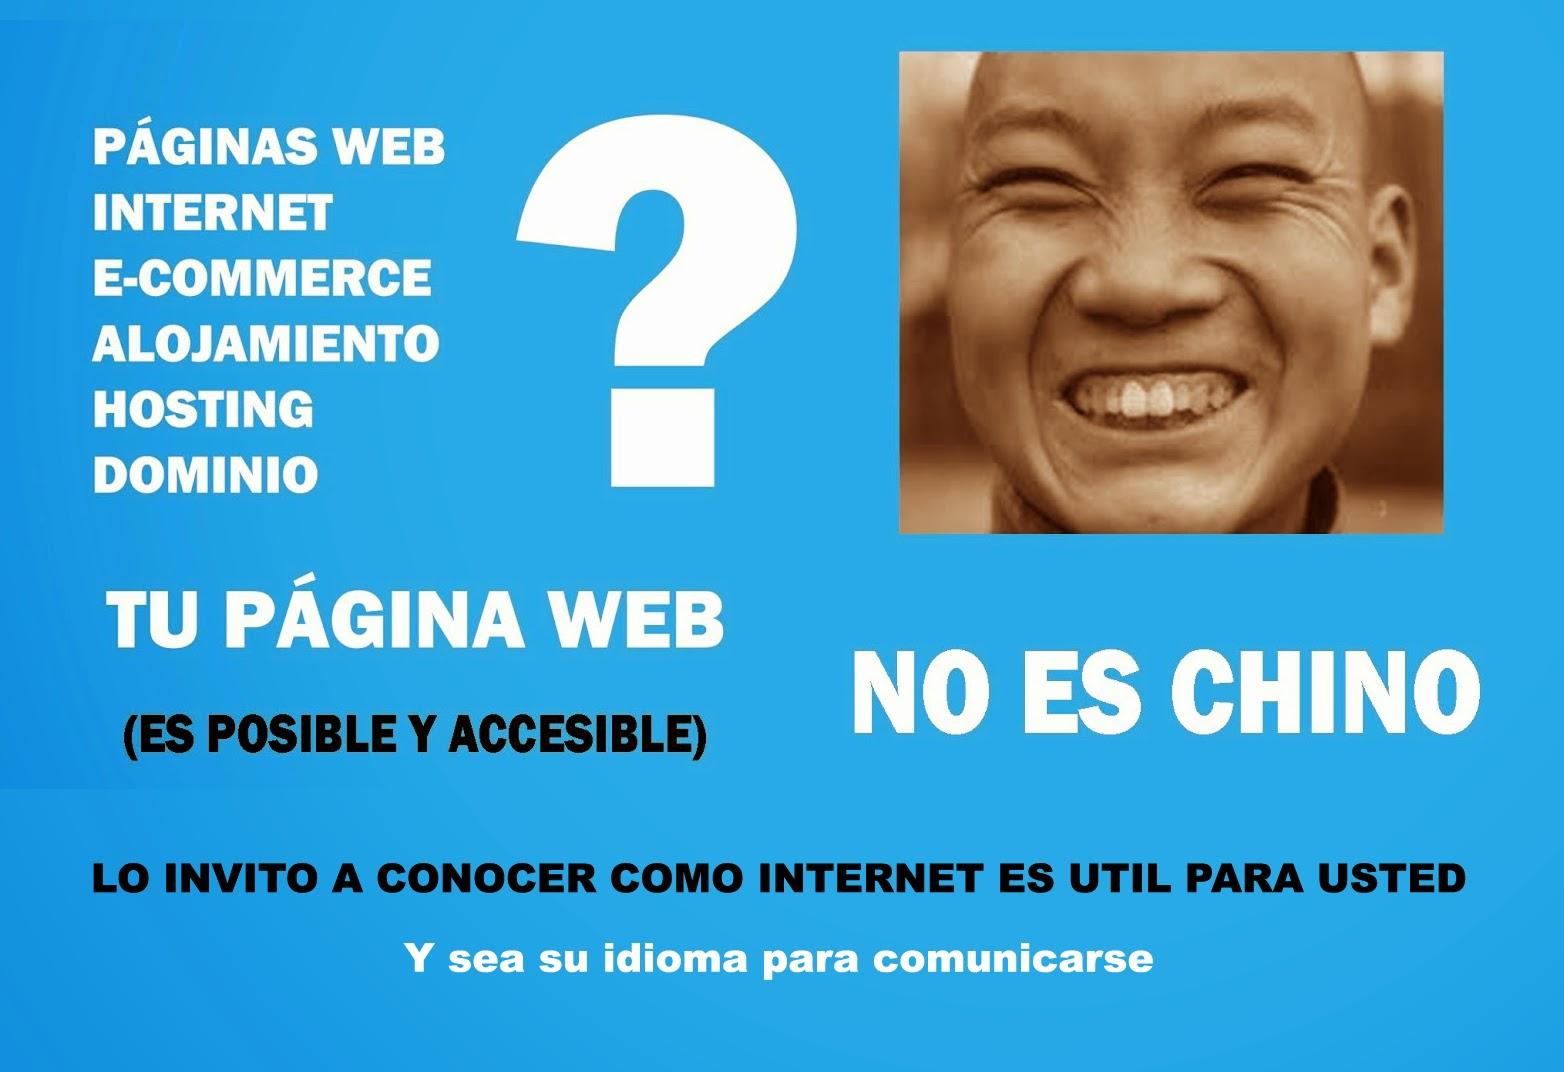 TU PAGINA WEB ES POSIBLE